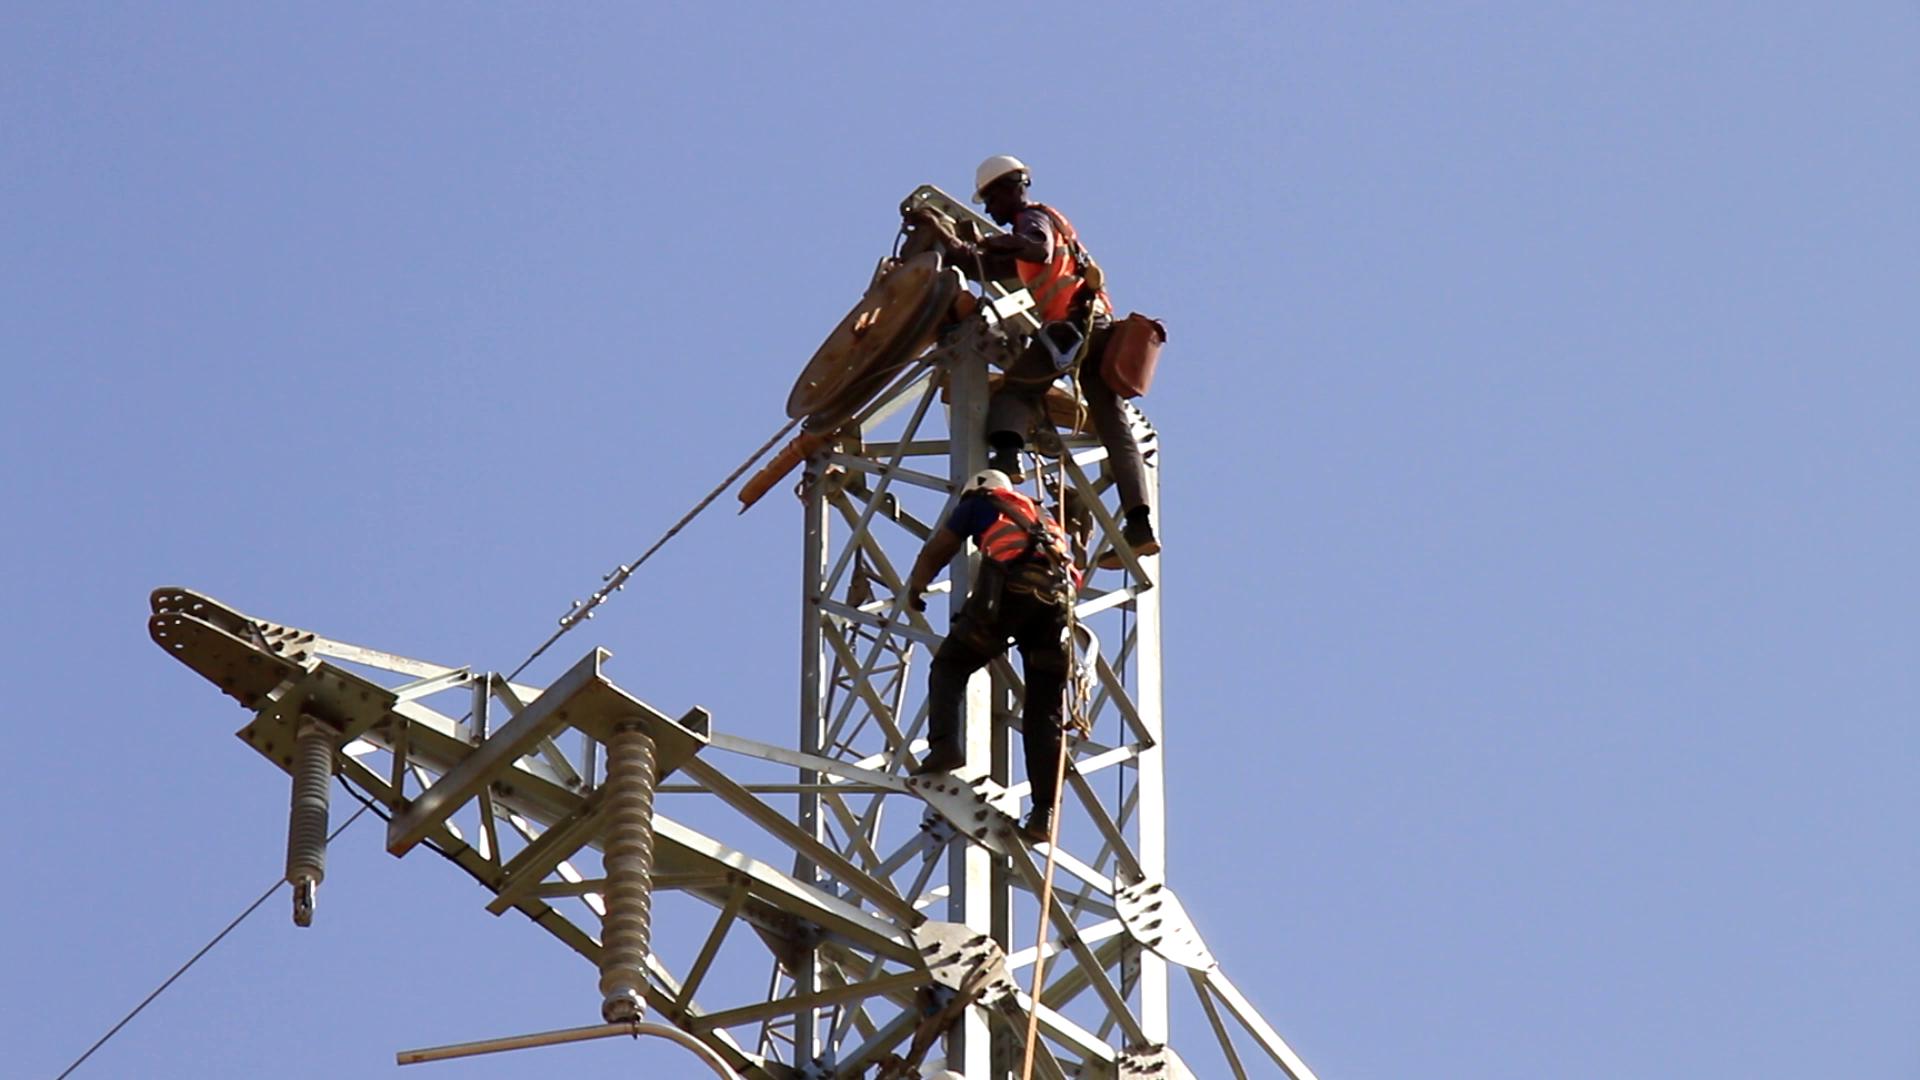 Bientôt des producteurs indépendants d'énergie au Niger